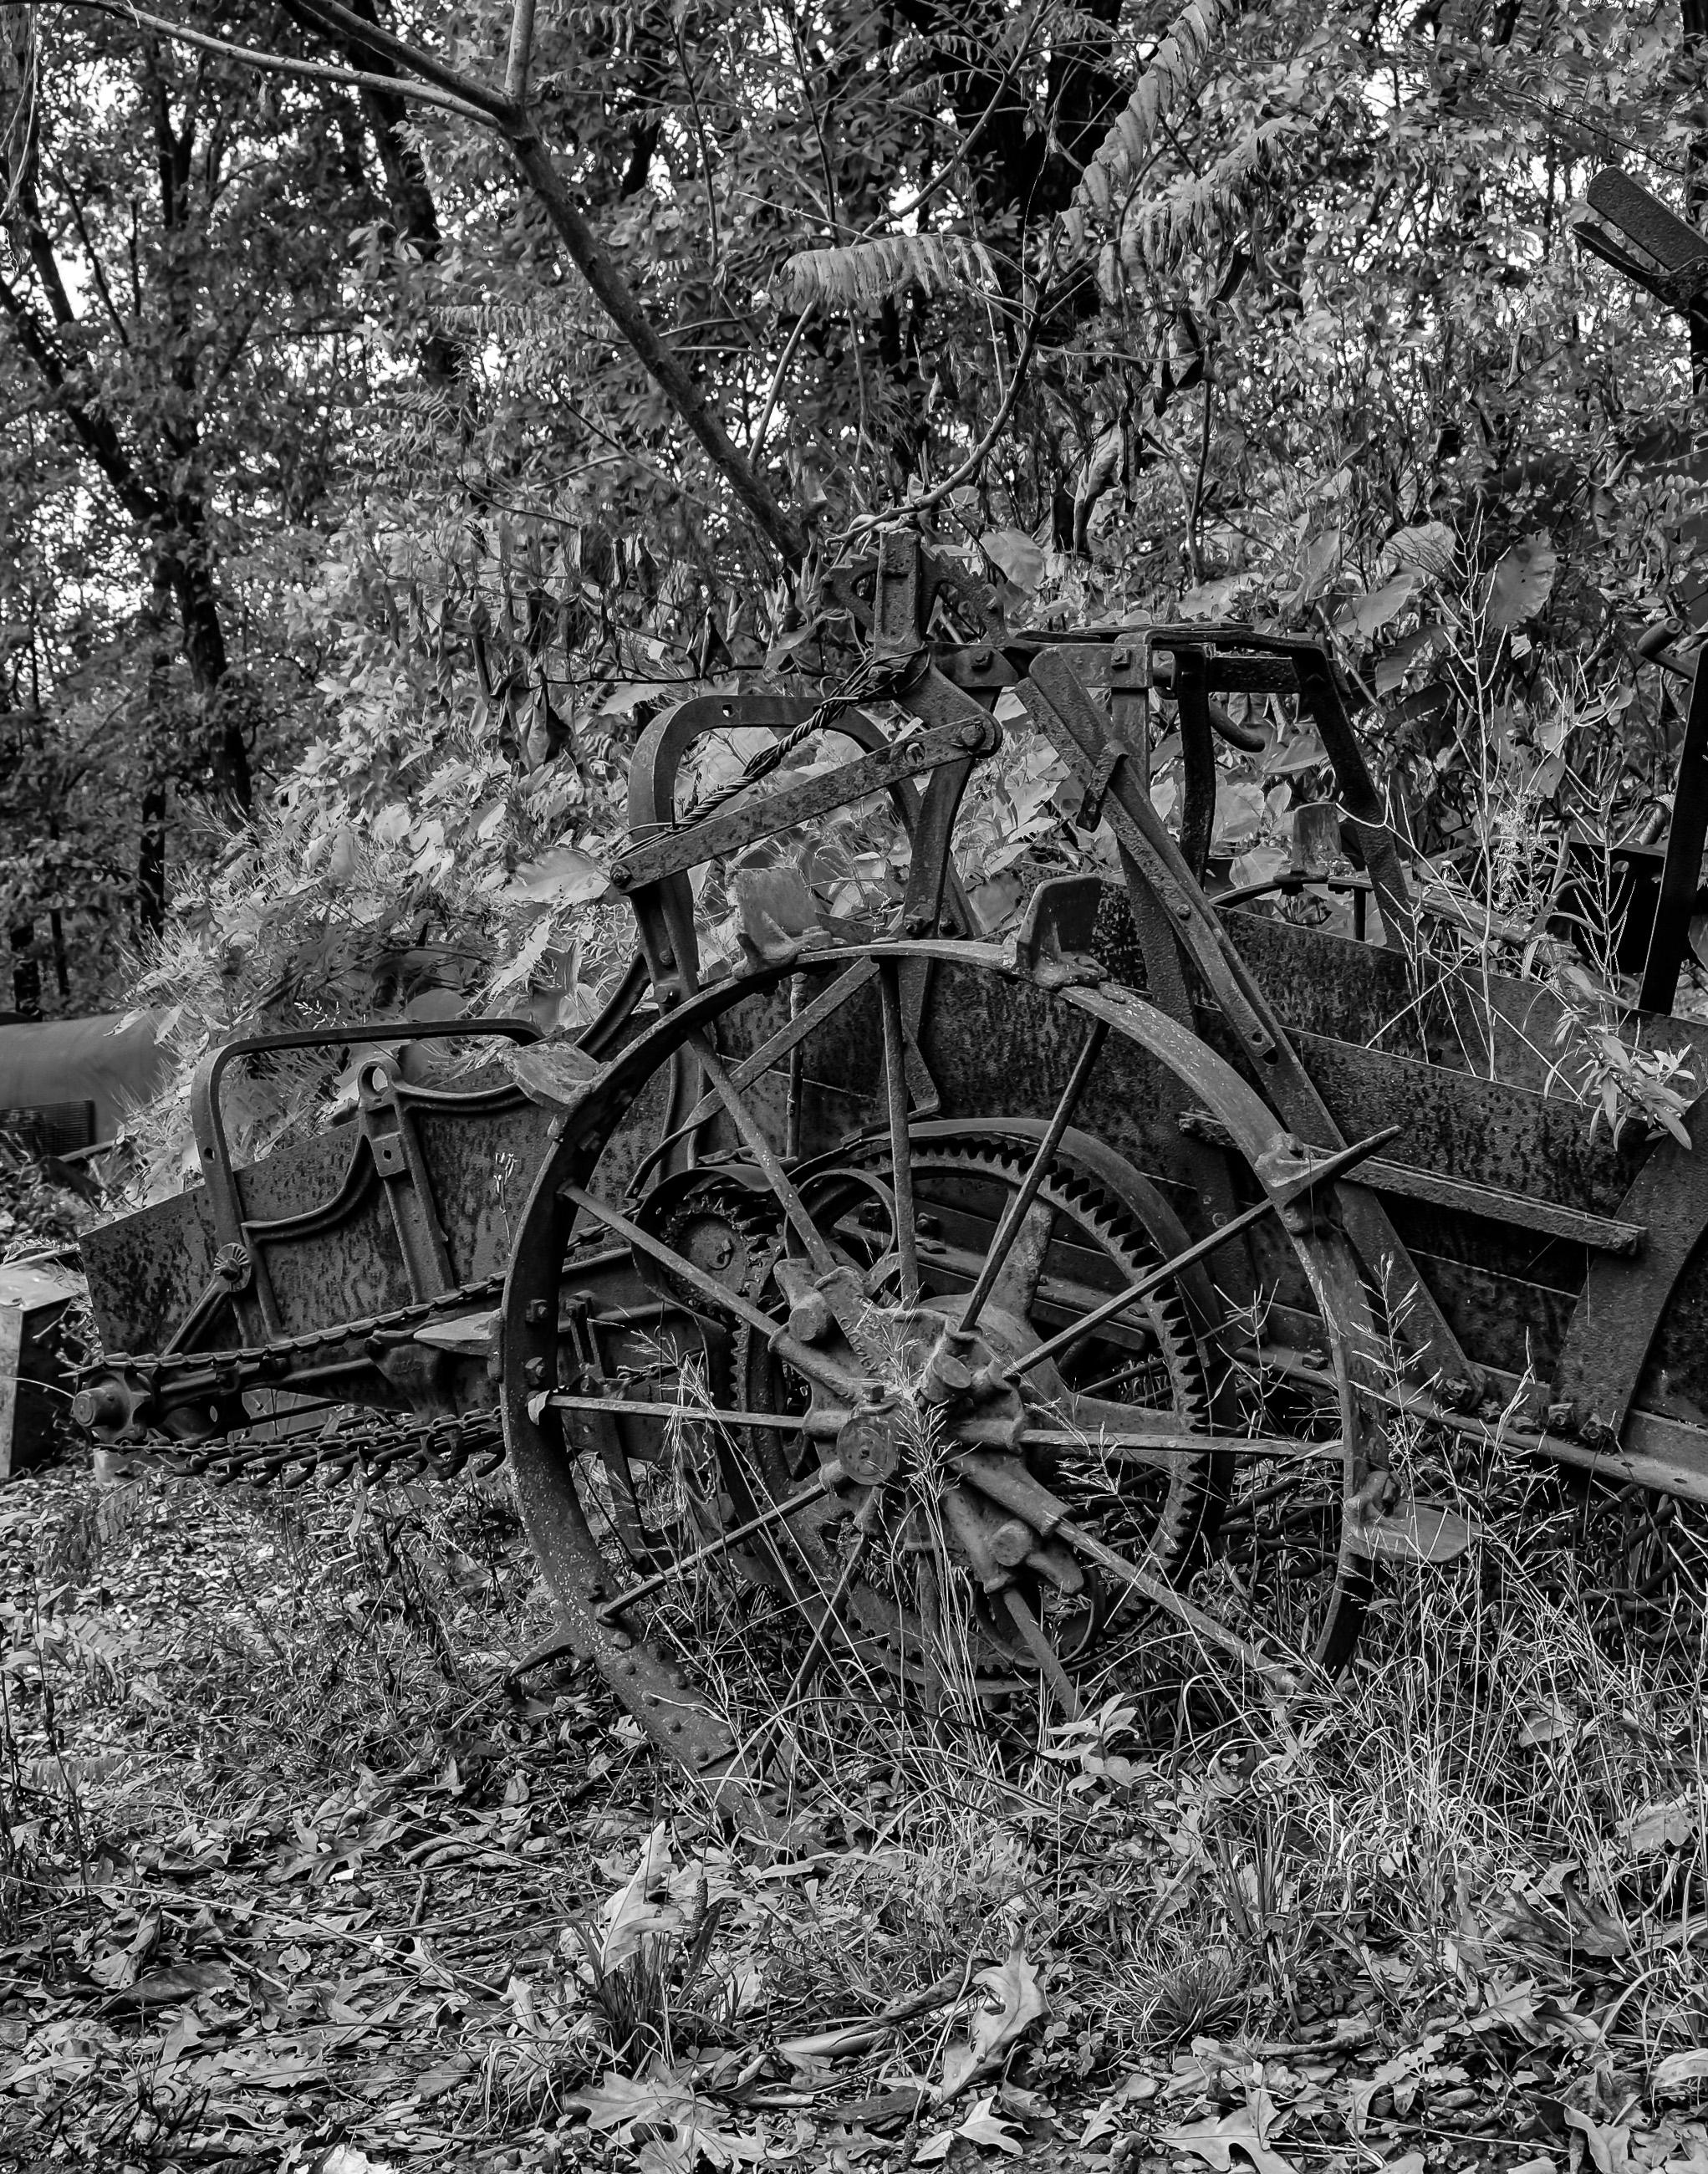 Abandoned-Farm-Equipment-1